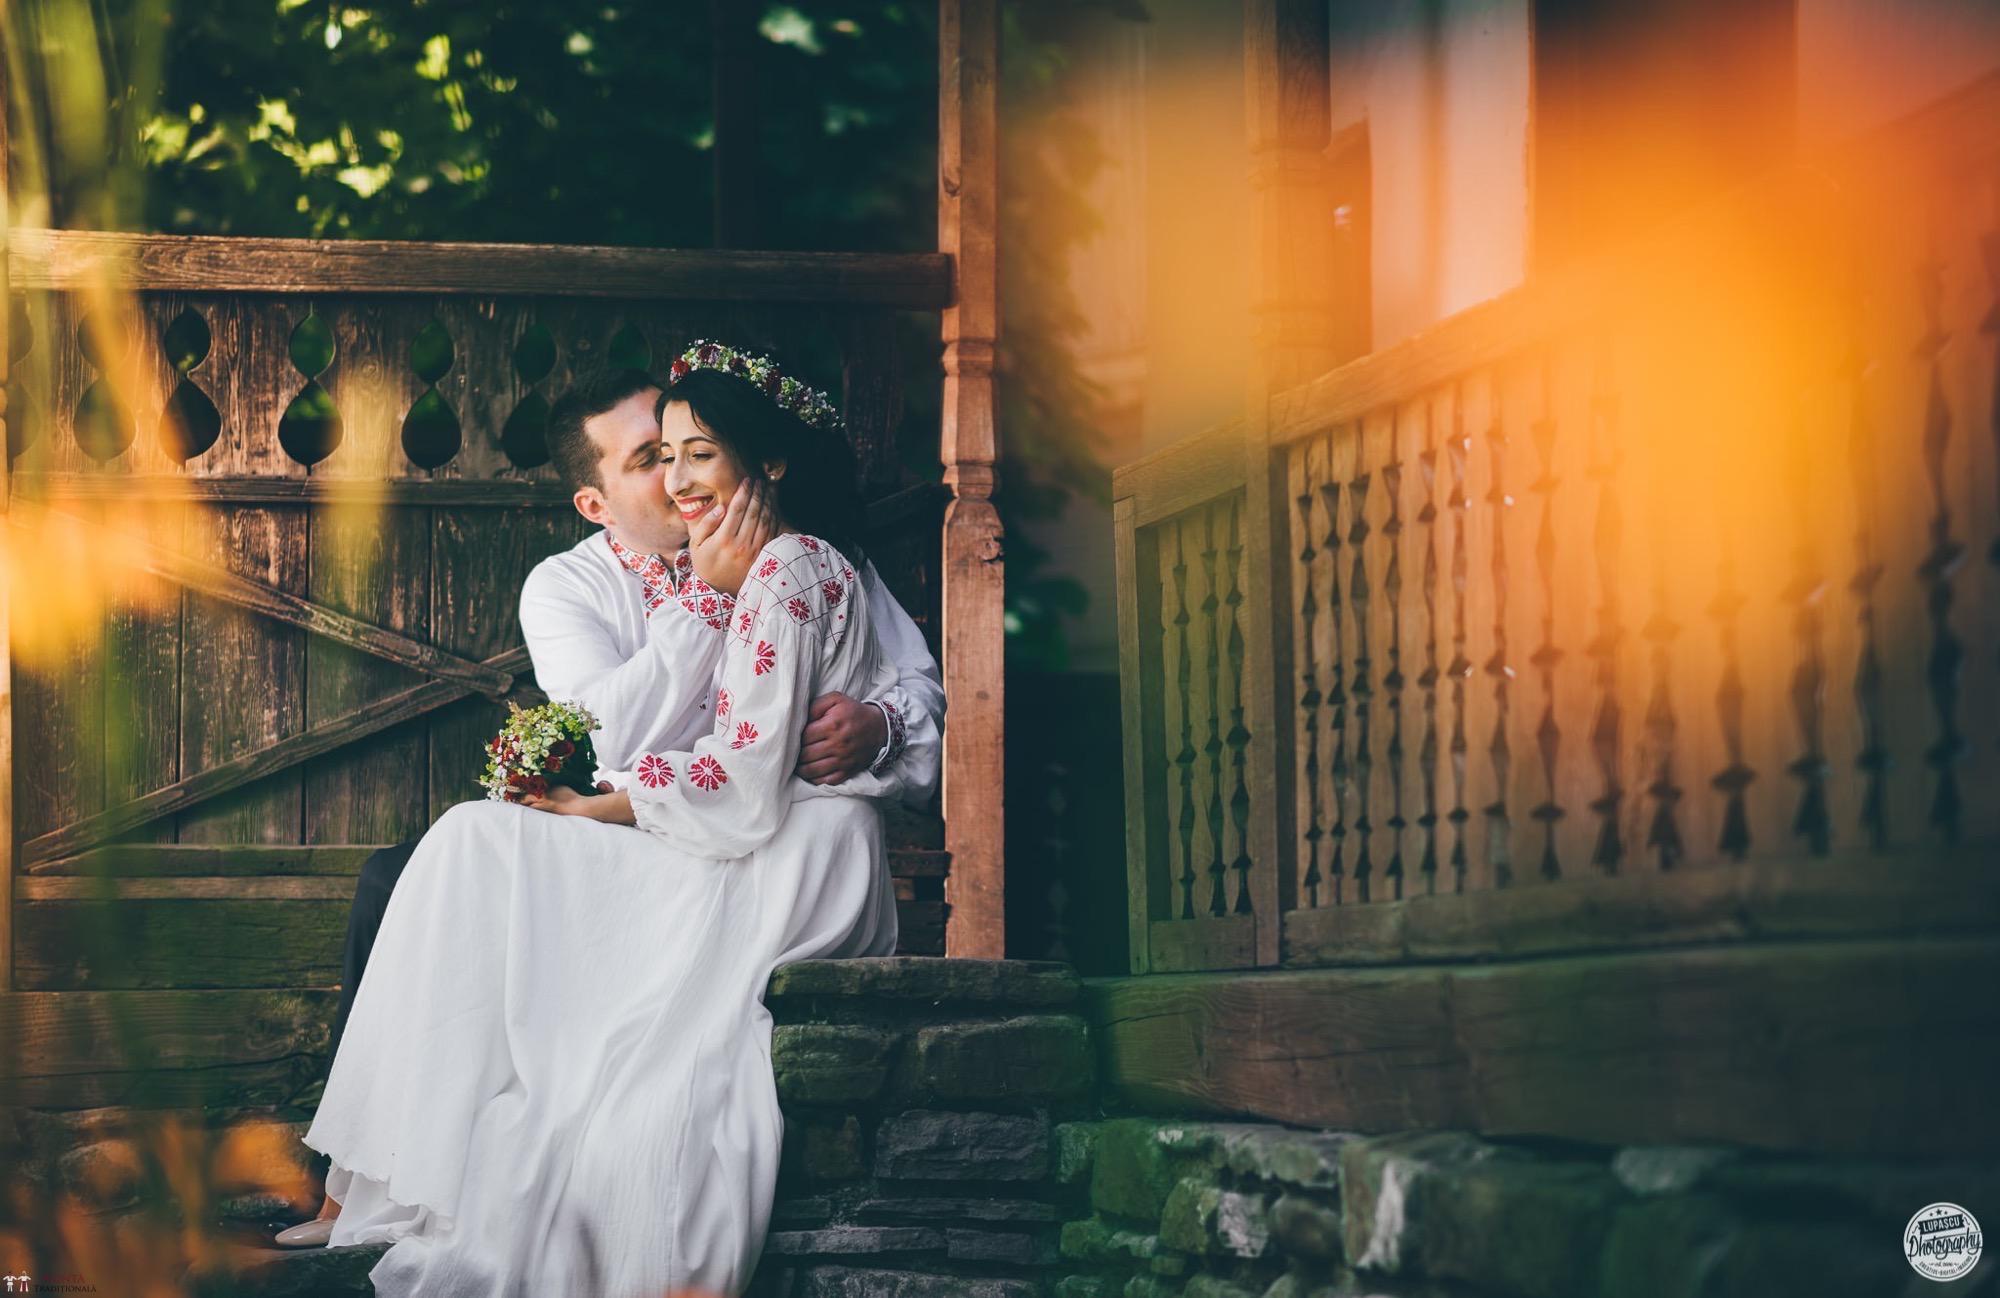 Povești Nunți Tradiționale - Georgiana și Adrian. Nuntă tradițională în București. 31